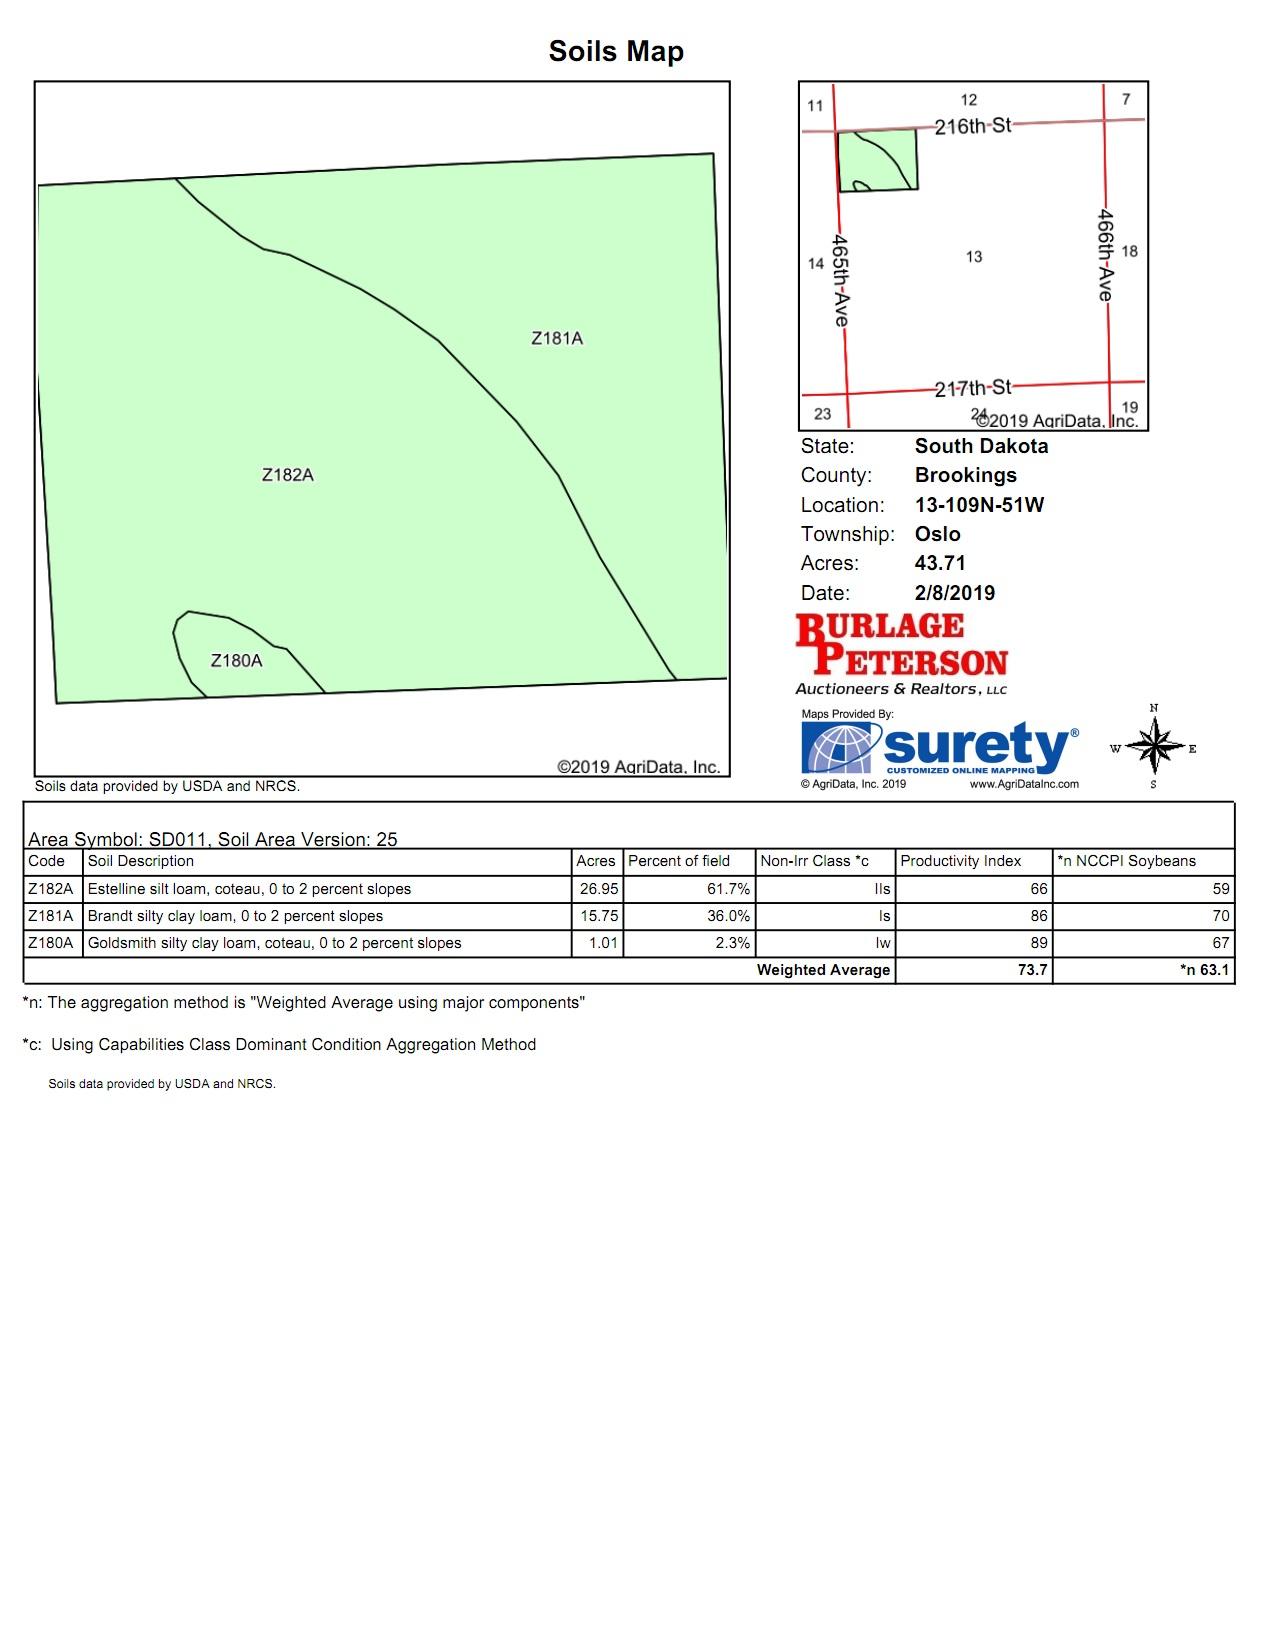 Berkland Brookings County Soil Map.jpg